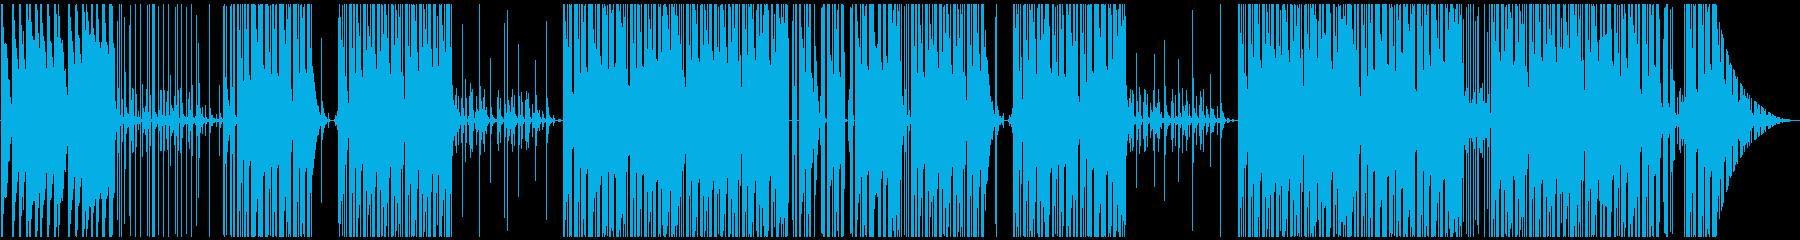 Bounce な Trapビートの再生済みの波形